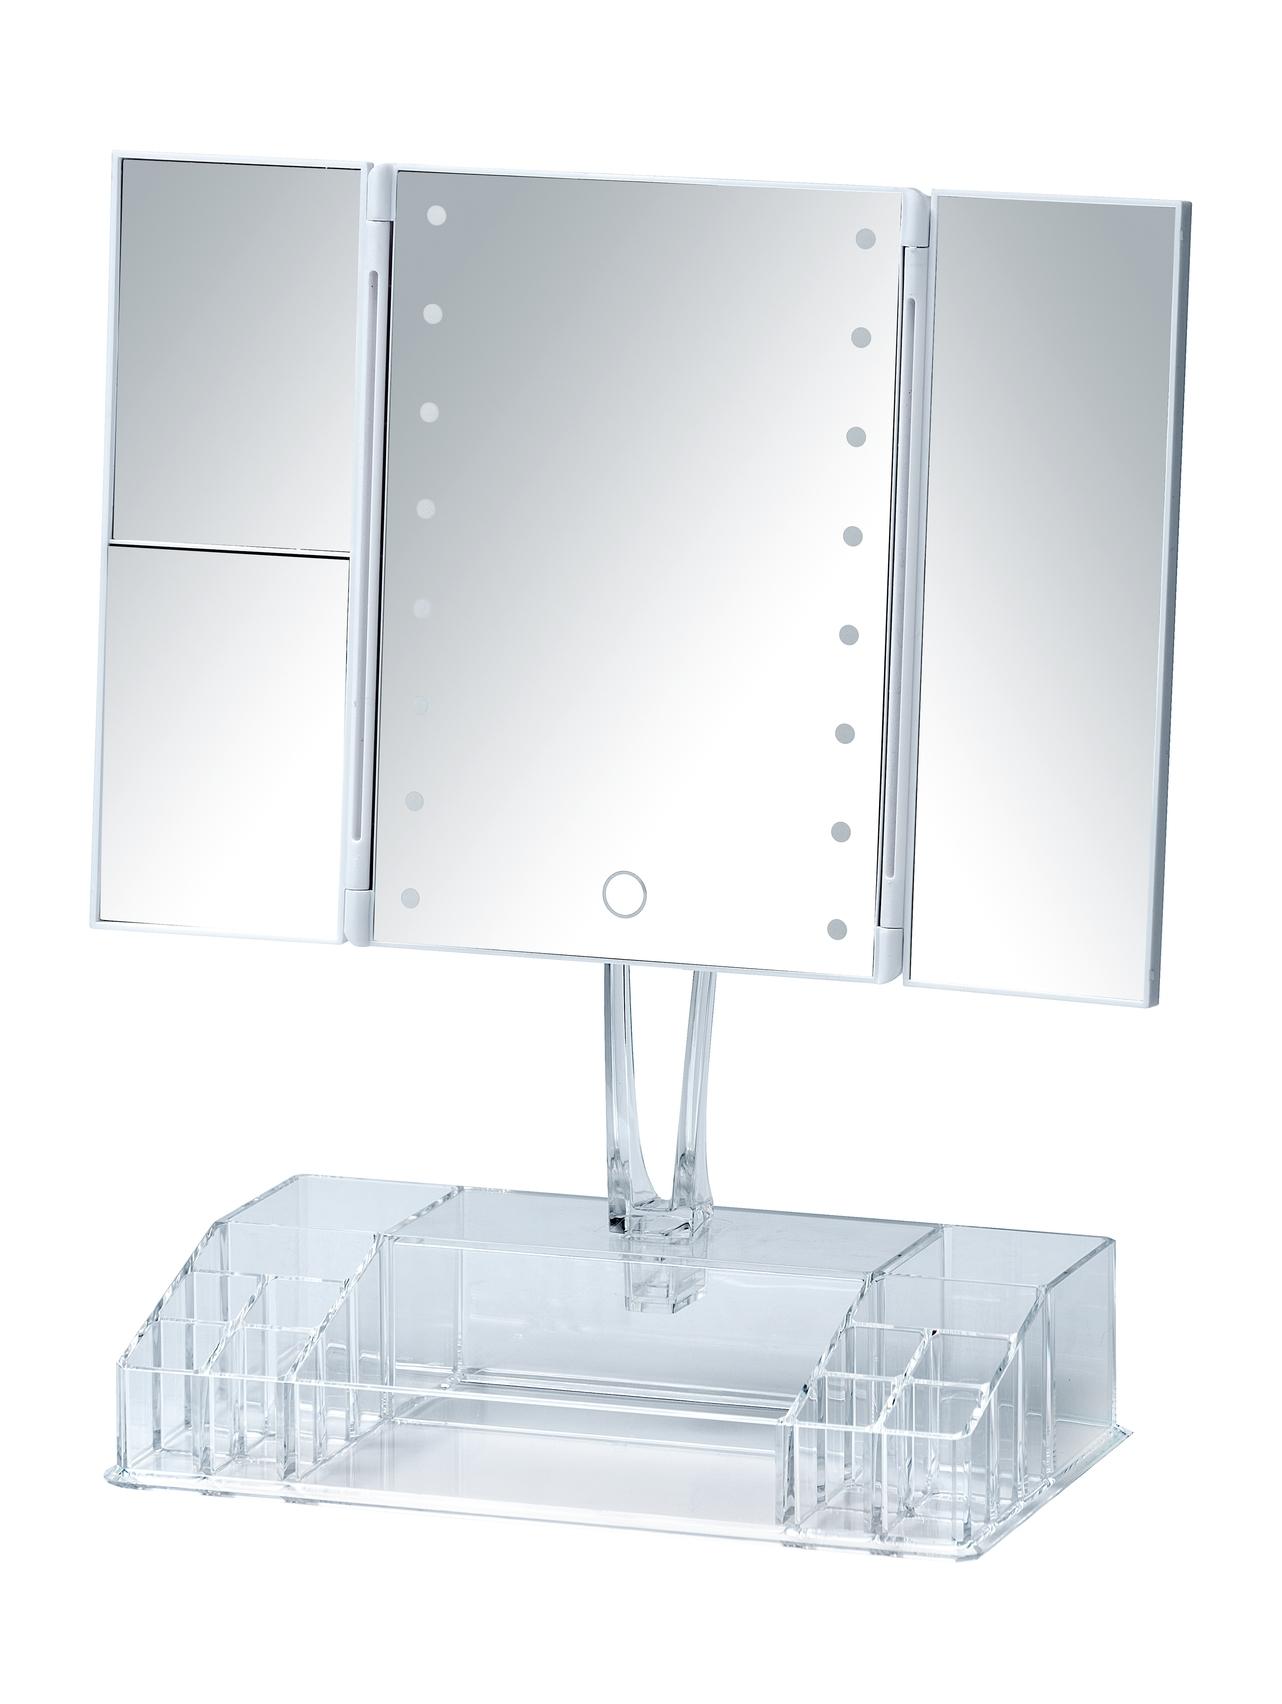 Oglinda cosmetica de masa, cu LED si organizator din plastic, Fanano Transparent, L34,5xl16,5xH39 cm imagine